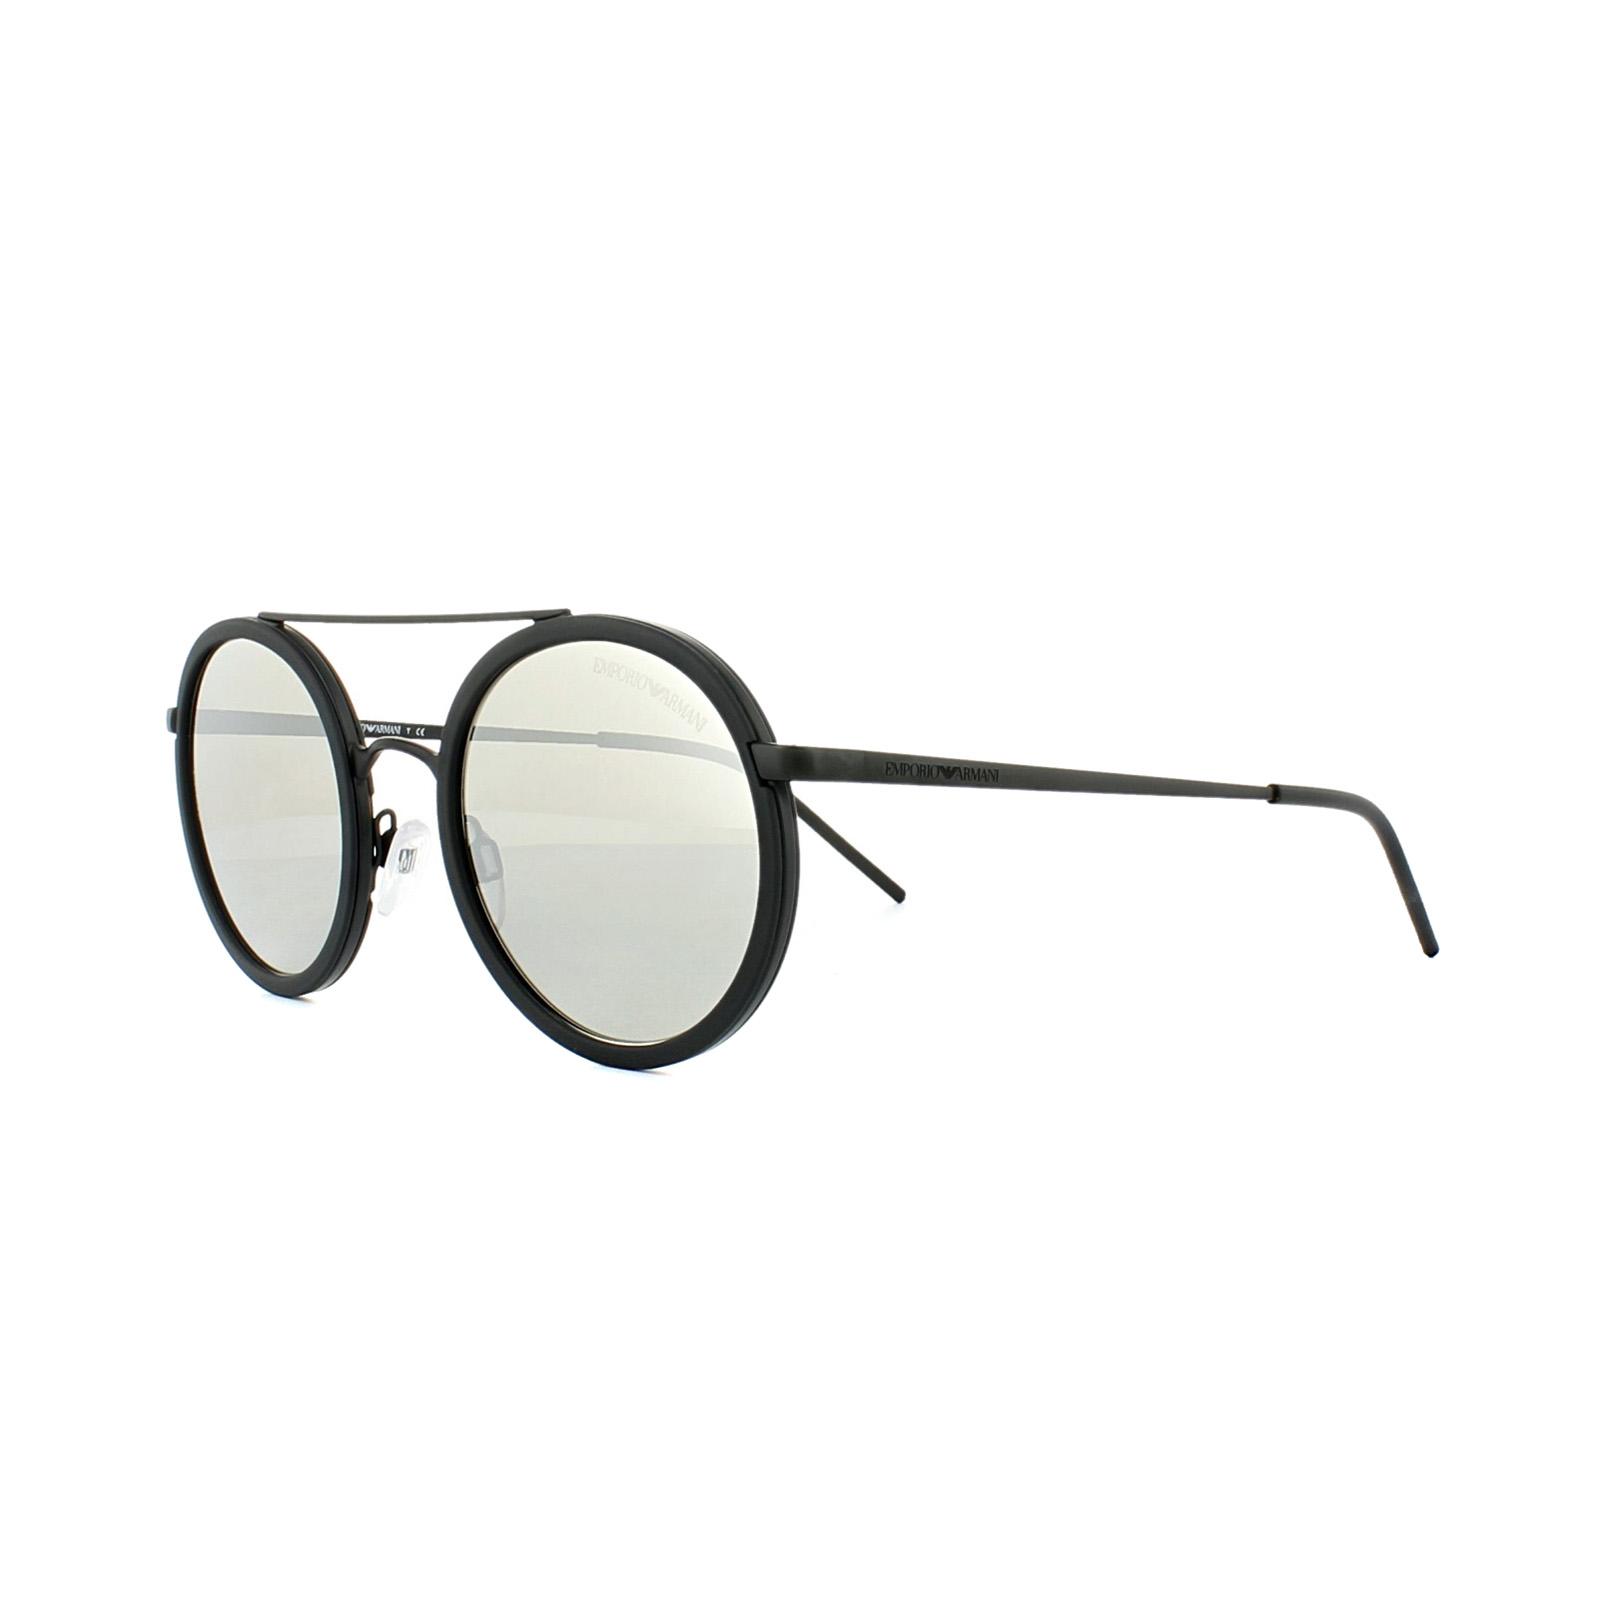 b321e584db2d Sentinel Emporio Armani Sunglasses 2041 3001 6G Matt Black Light Grey  Silver Mirror